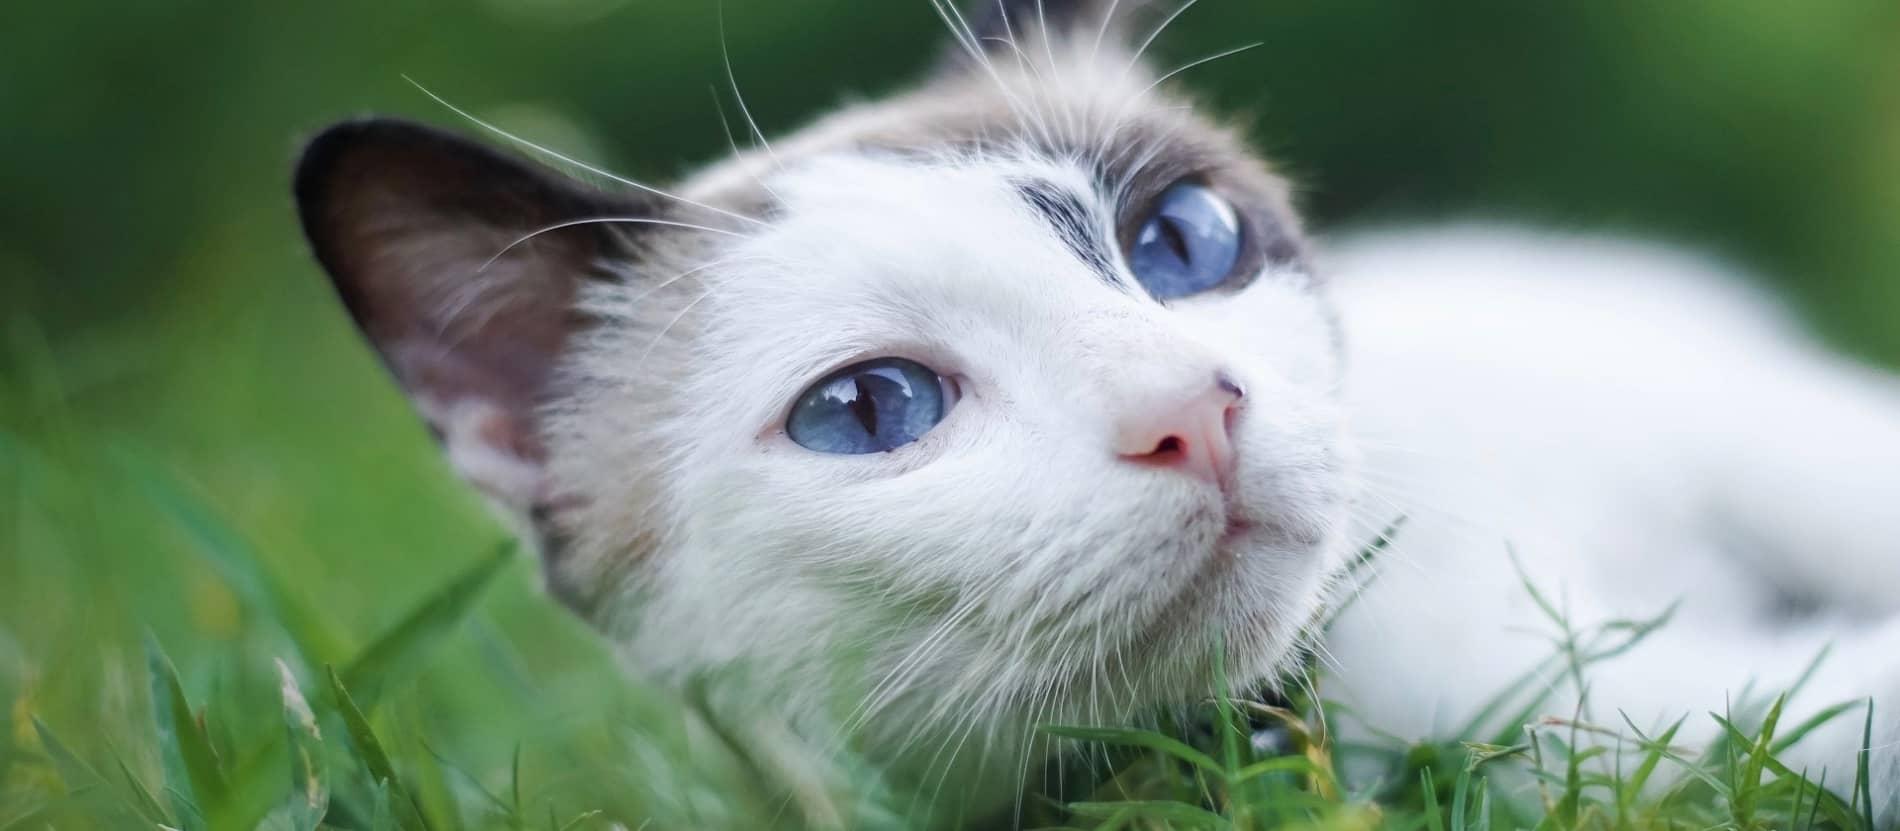 مفهوم رفتار گربه